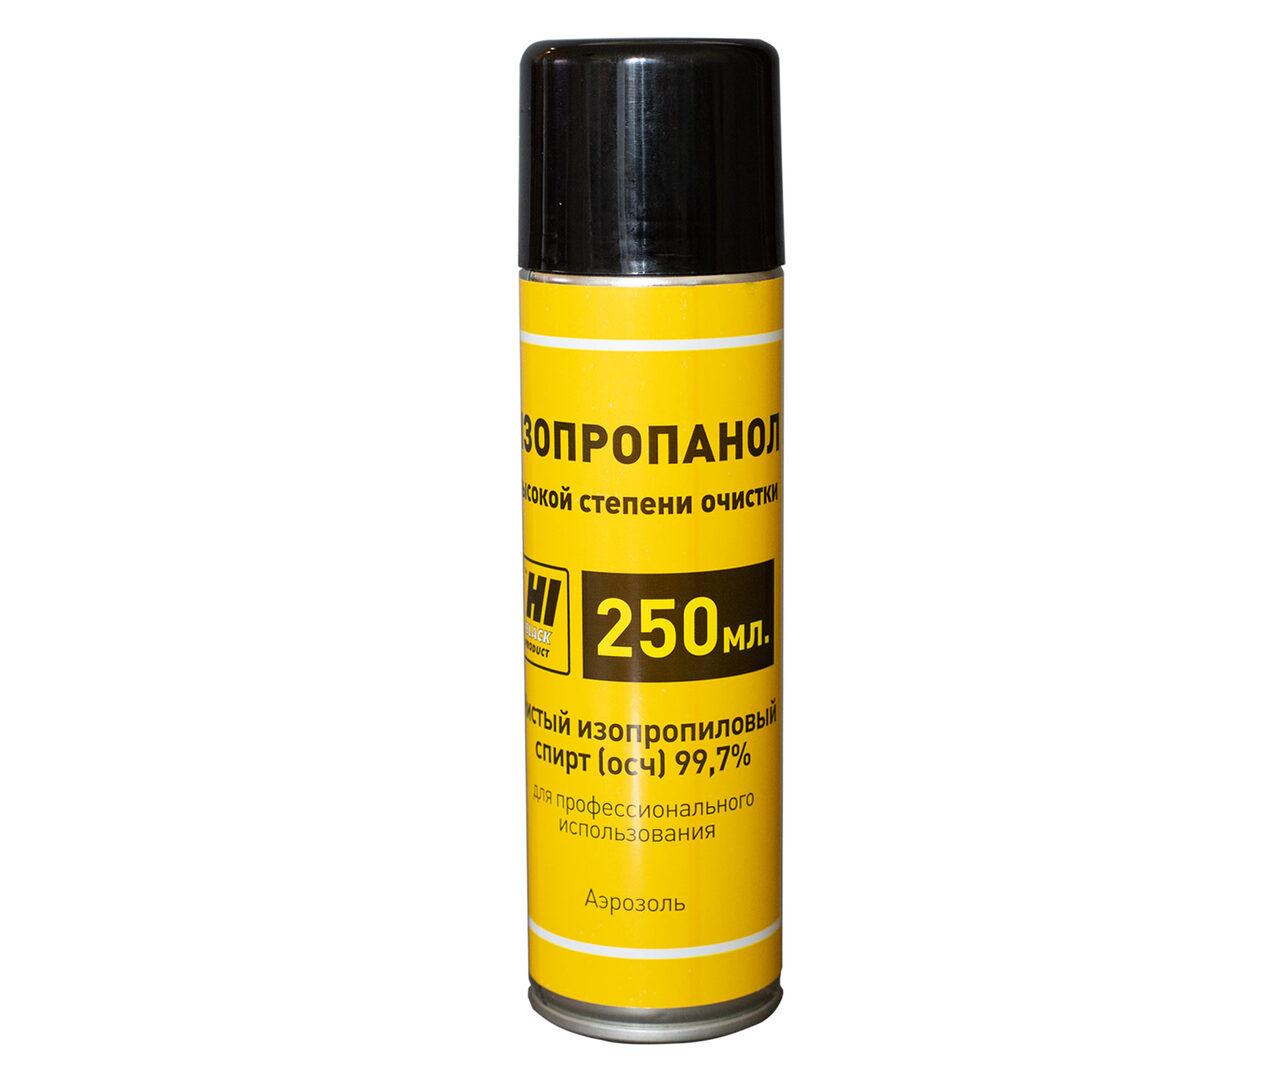 Изопропанол Hi-Black высокой степени очистки, 250 мл,аэрозоль